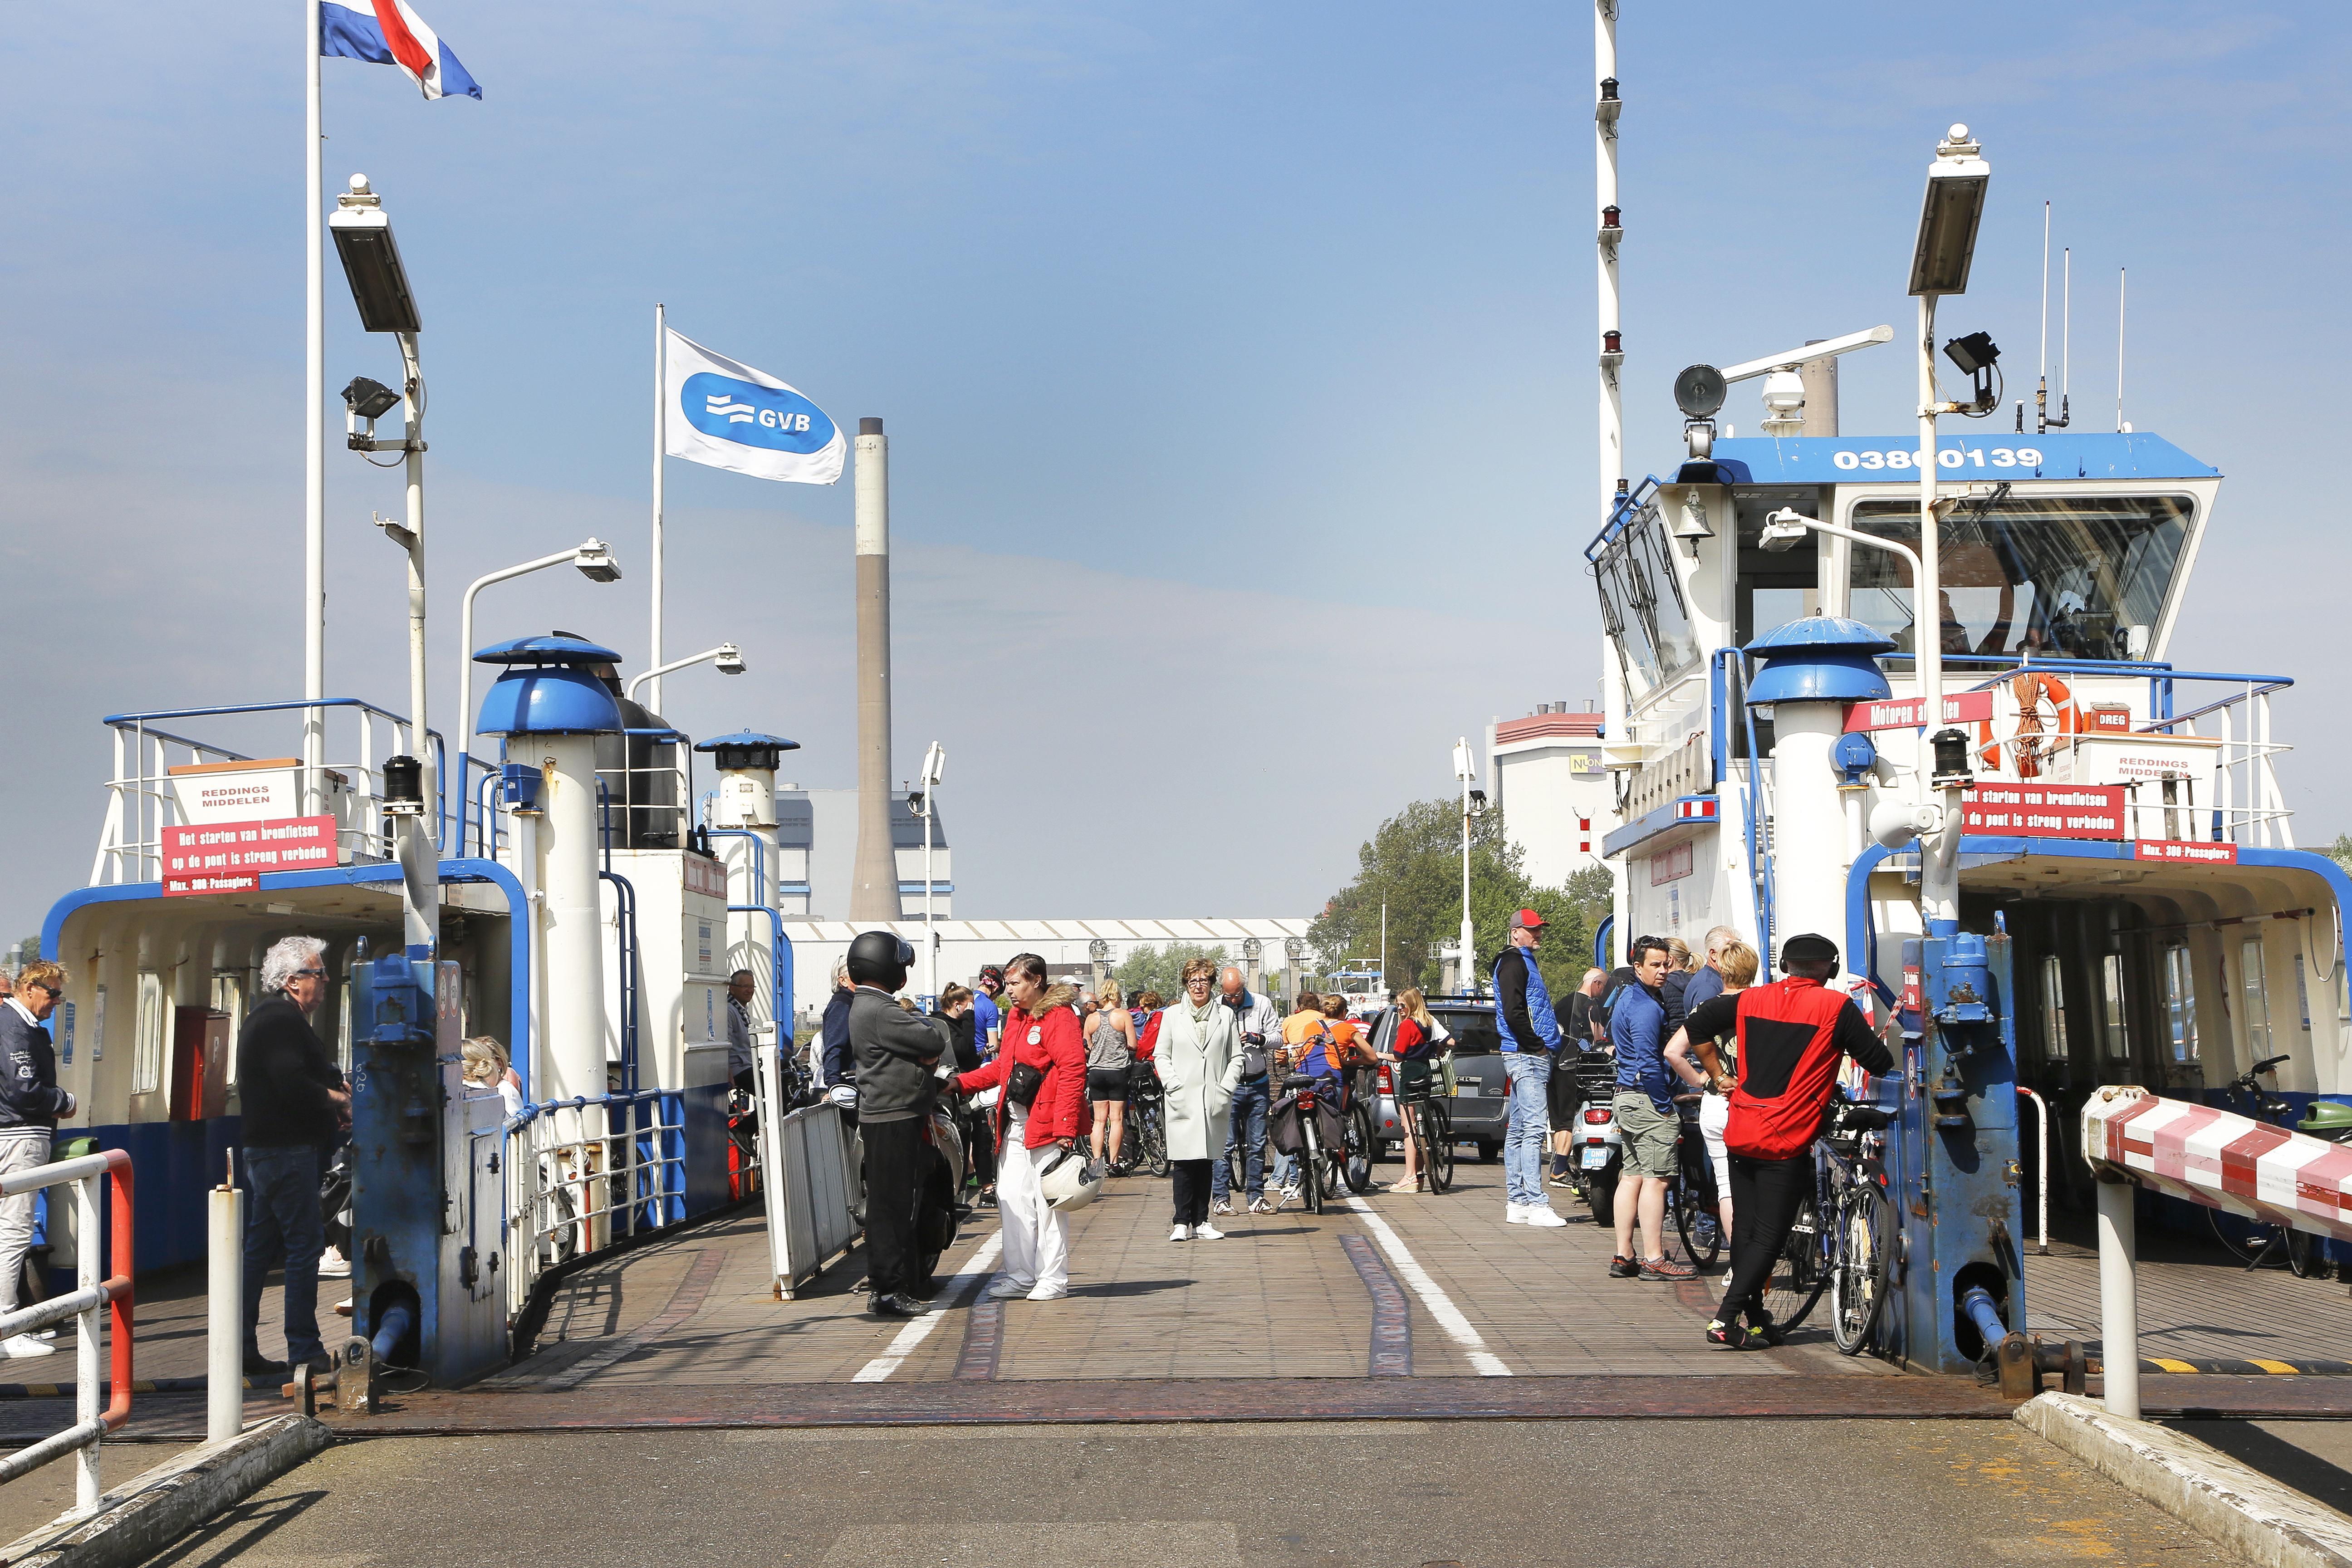 Opinie: Vermijd drukte en open de sluisroute in IJmuiden